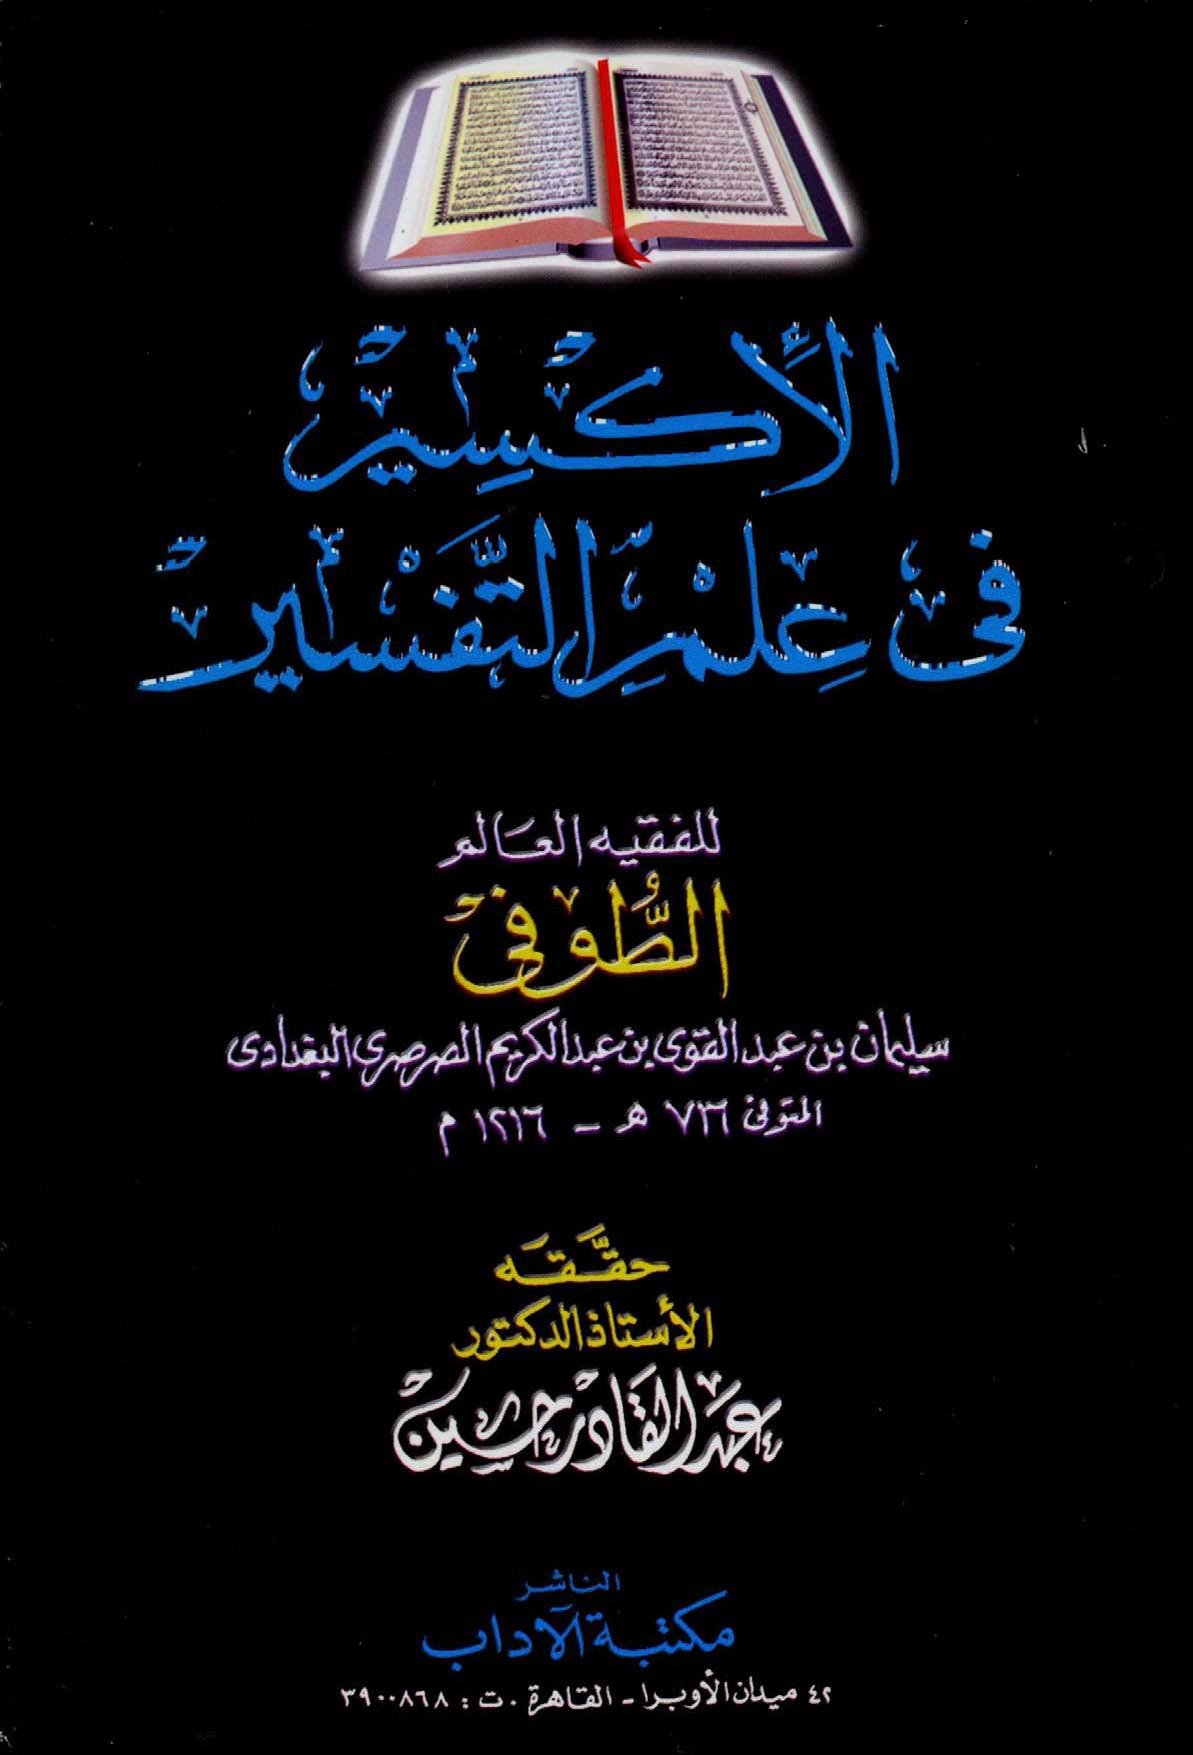 تحميل كتاب الإكسير في علم التفسير لـِ: الإمام نجم الدين سليمان بن عبد القوي بن الكريم الطوفي (ت 716)